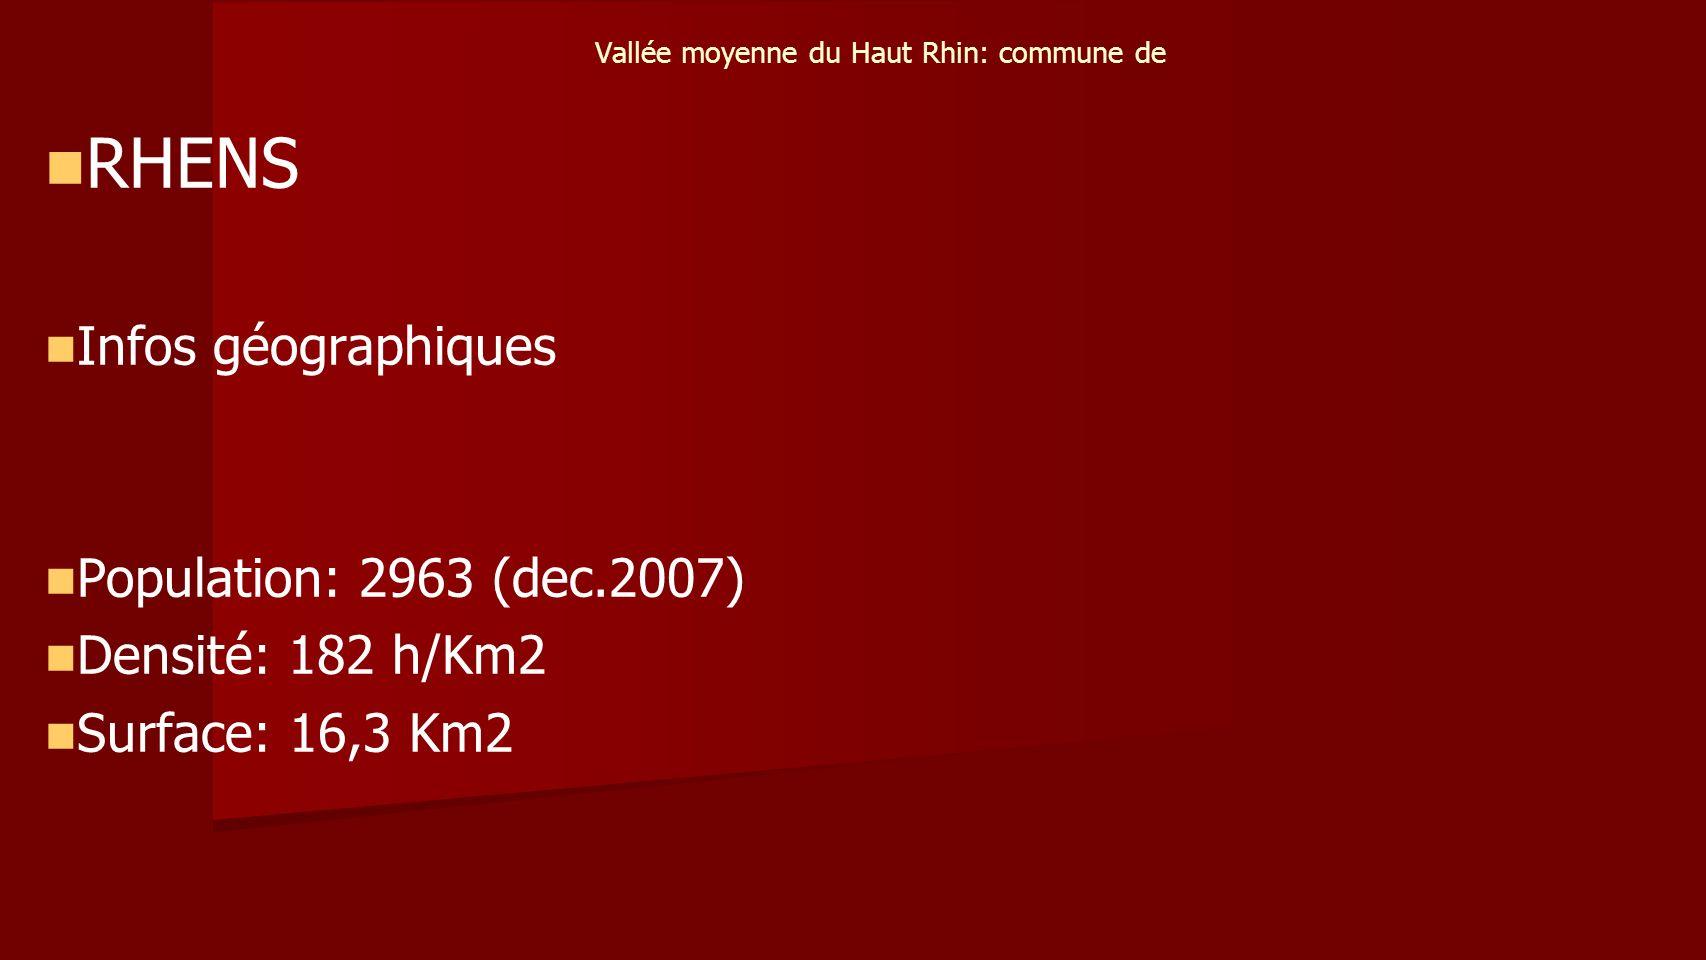 Vallée moyenne du Haut Rhin: commune de RHENS Infos géographiques Population: 2963 (dec.2007) Densité: 182 h/Km2 Surface: 16,3 Km2